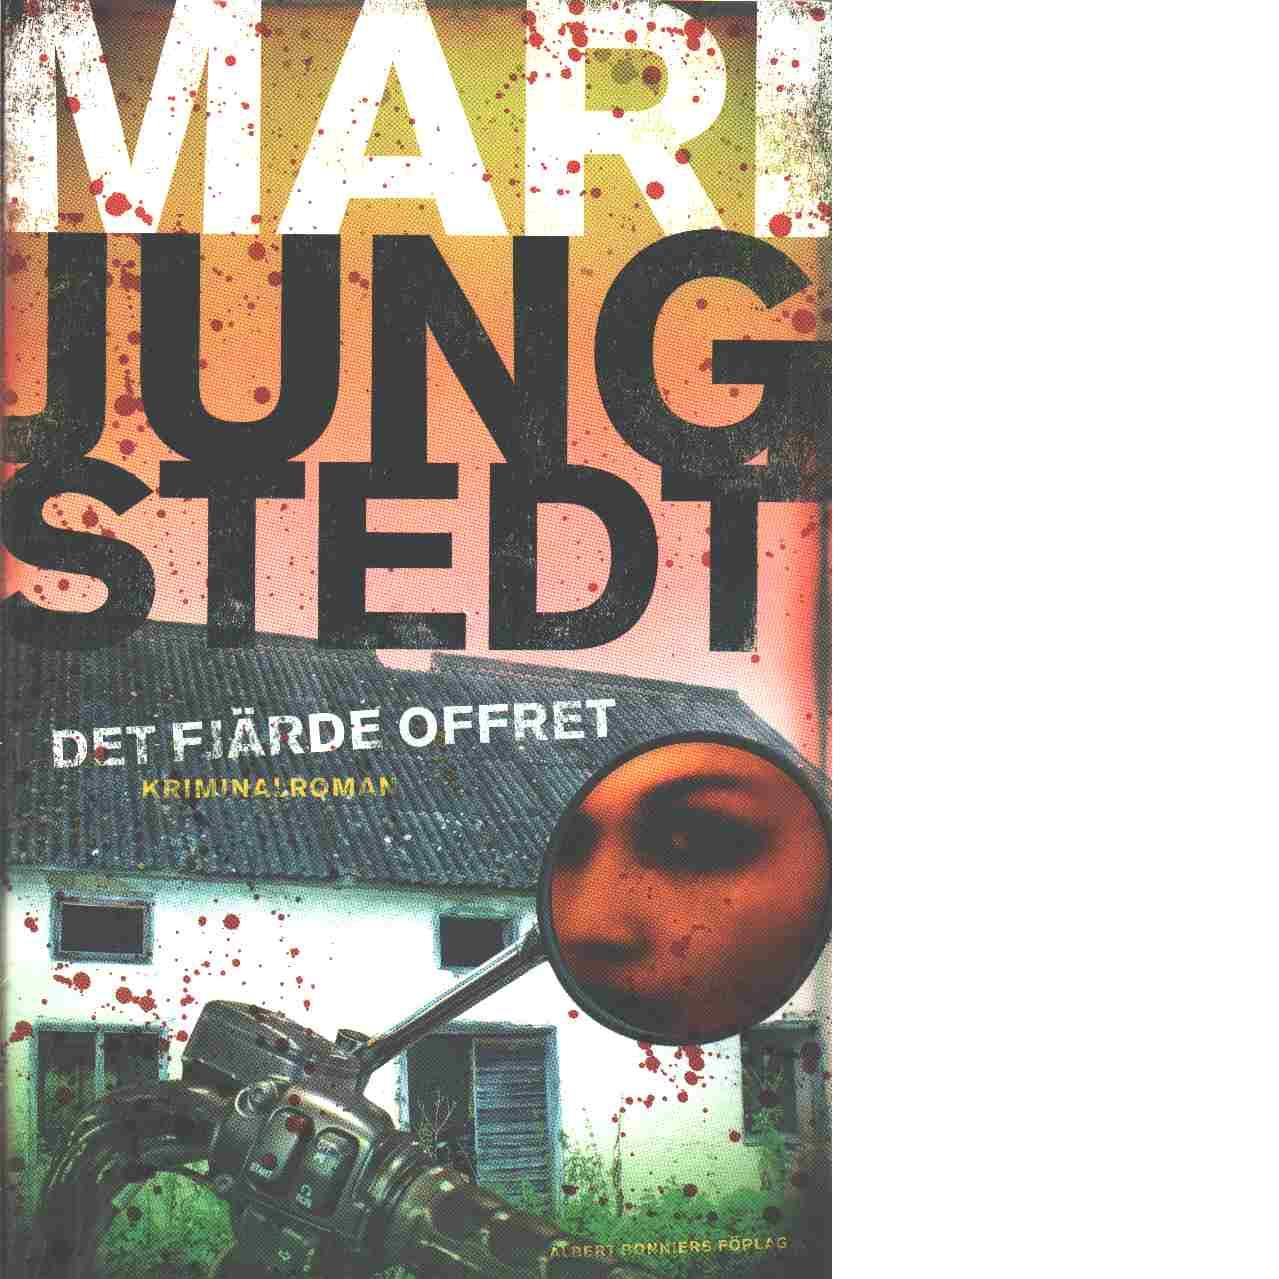 Det fjärde offret - Jungstedt, Mari